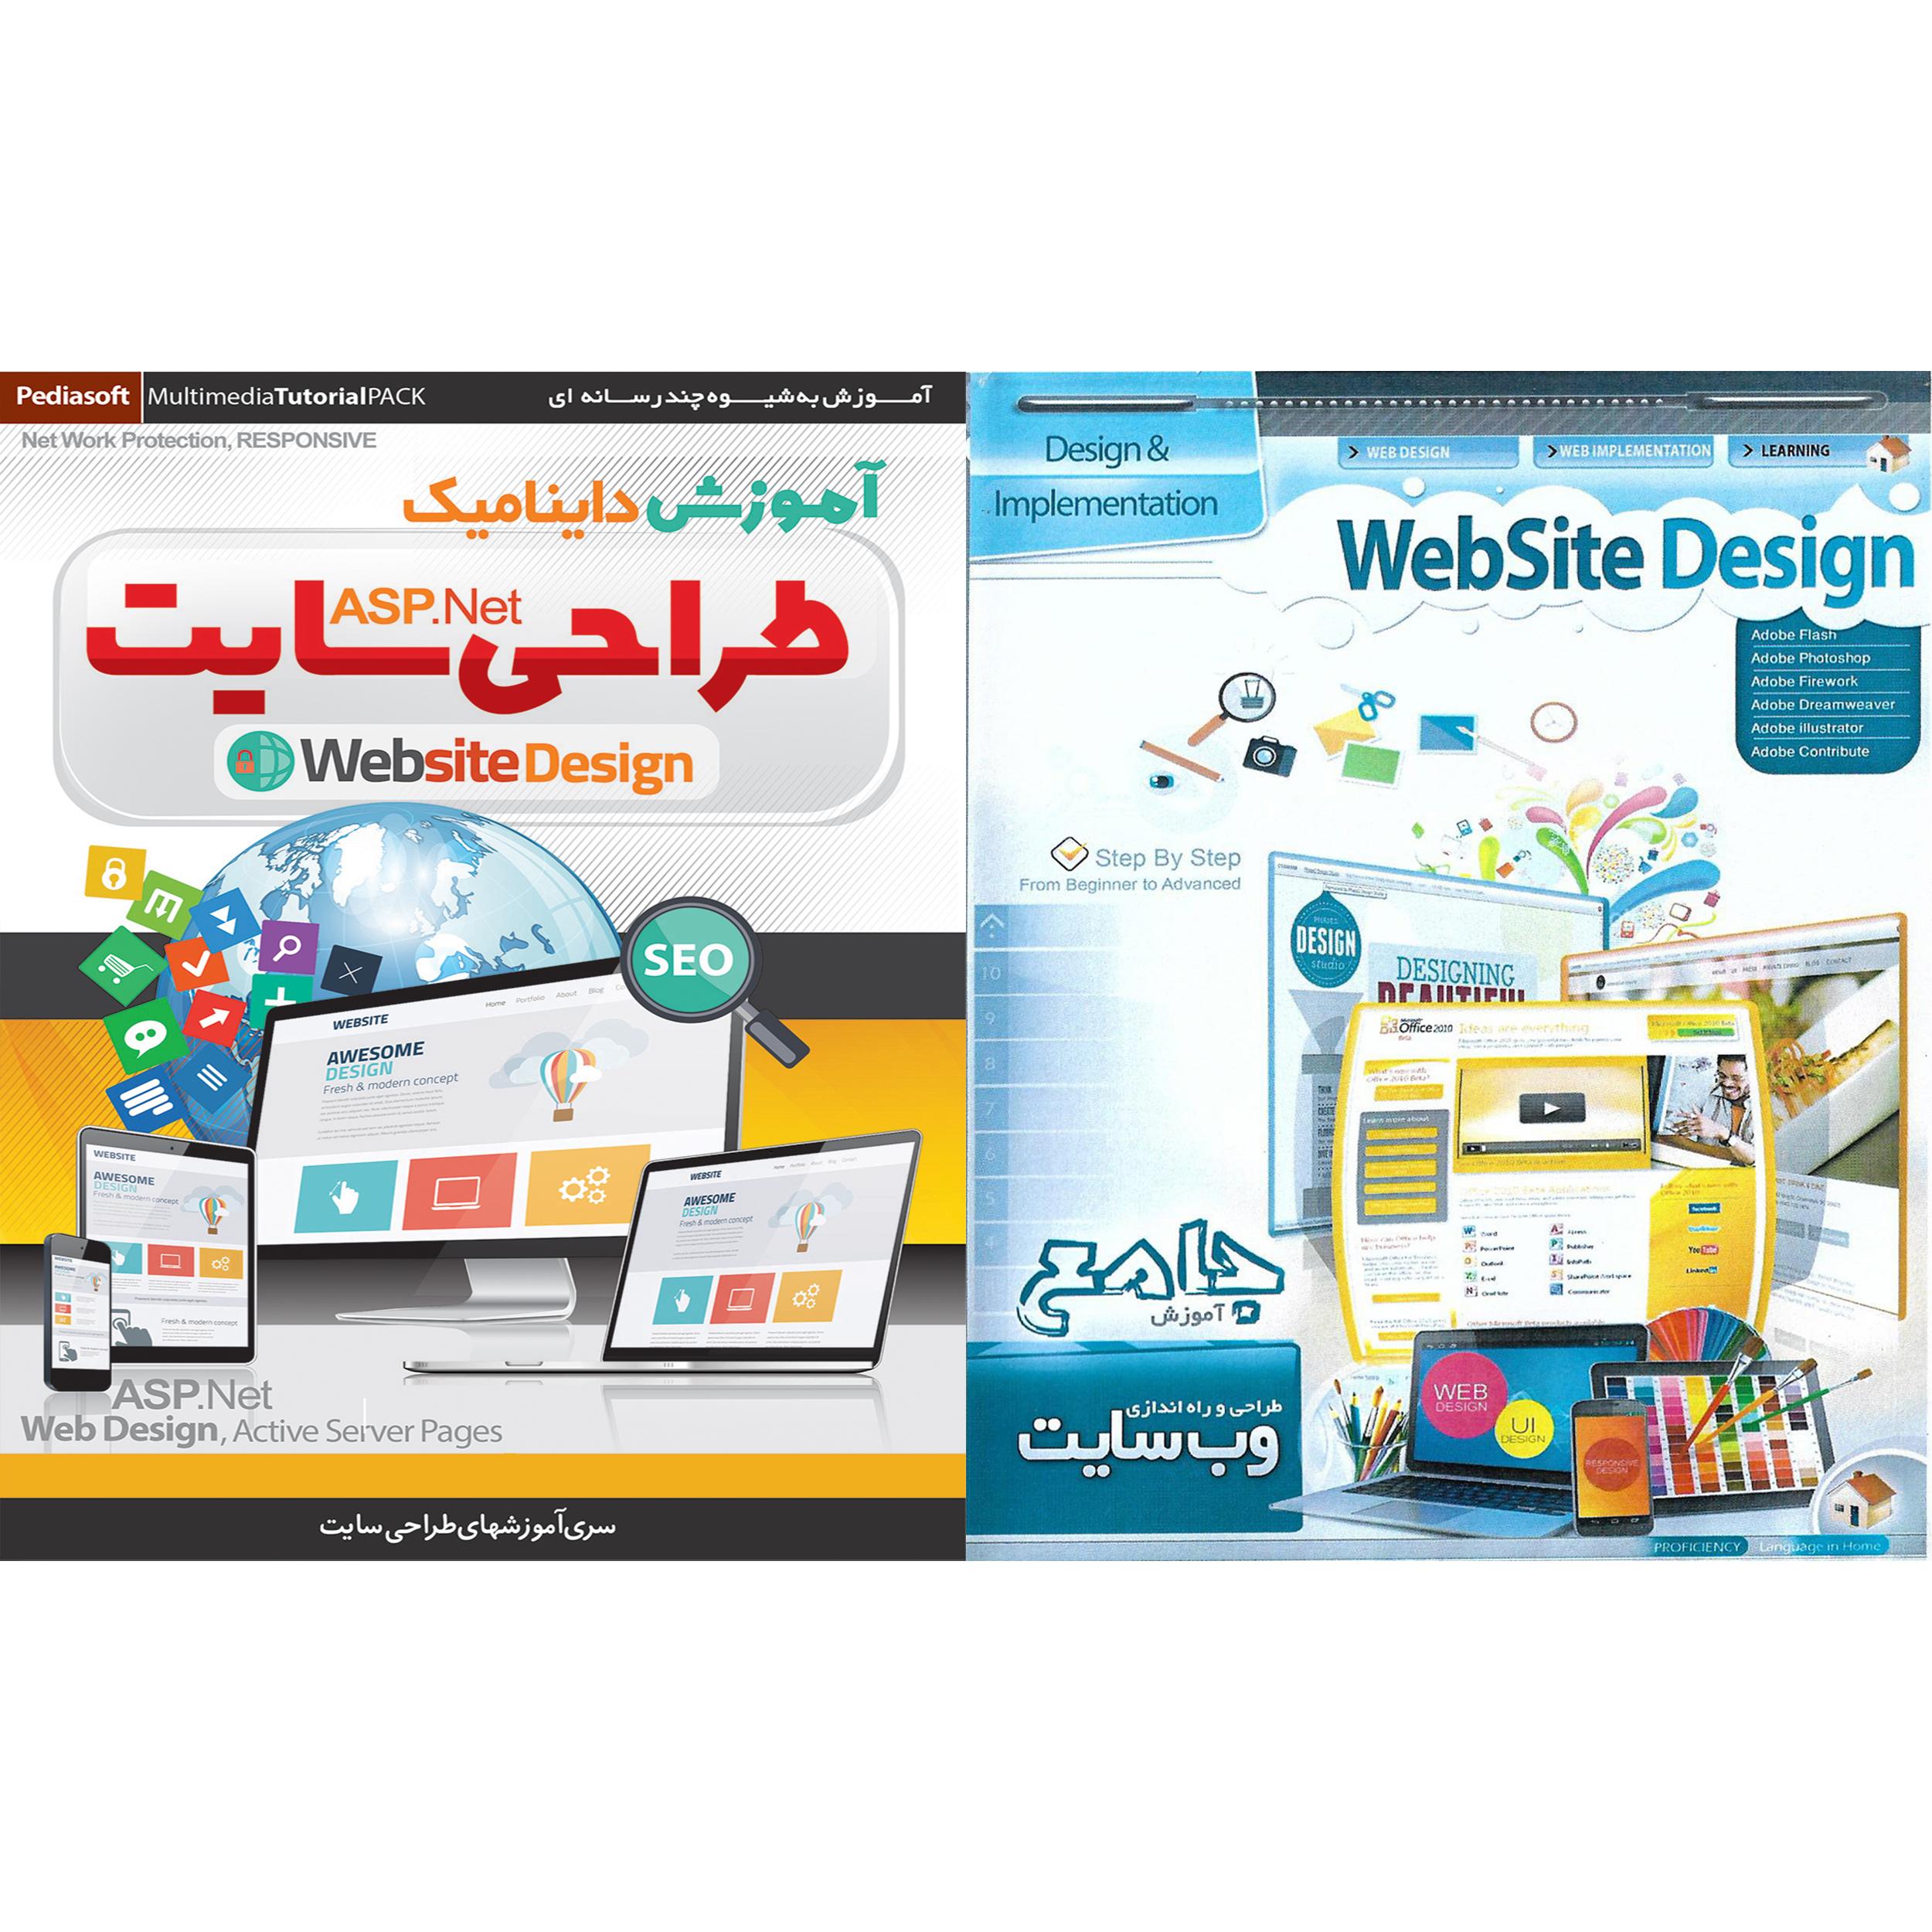 نرم افزار آموزش طراحی و راه اندازی وب سایت نشر پانا به همراه نرم افزار آموزش داینامیک طراحی سایت ASP.NET نشر پدیا سافت